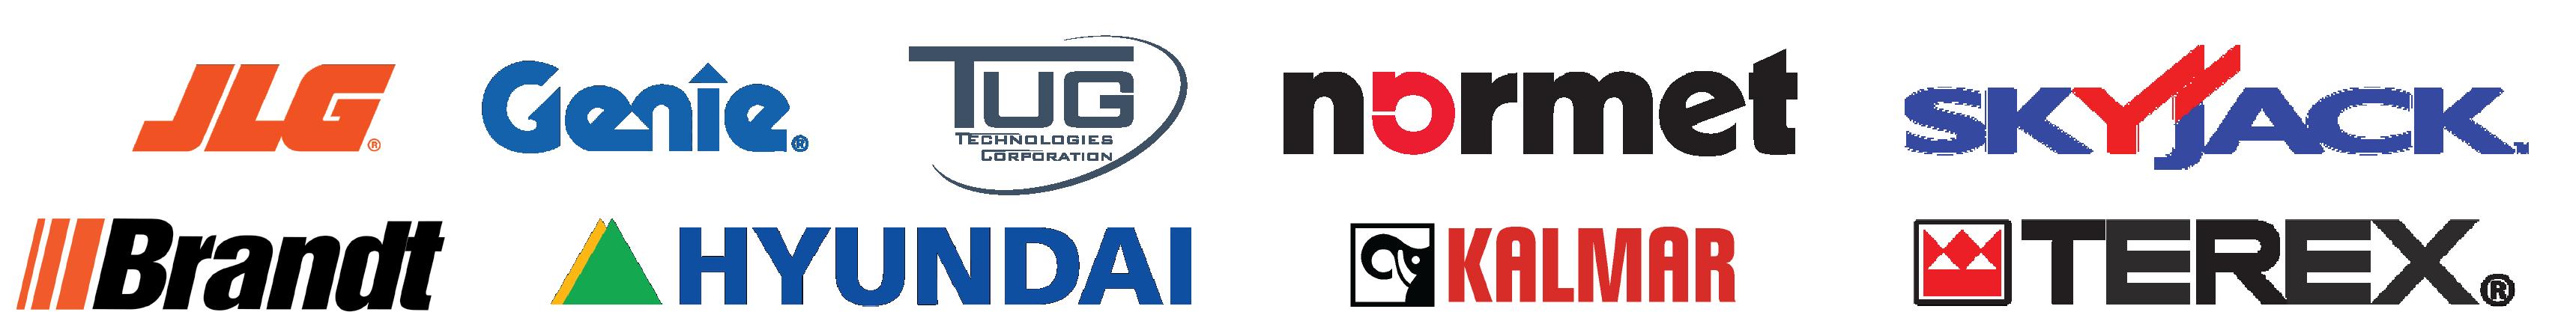 Service-Equipment-Logos.png#asset:3838